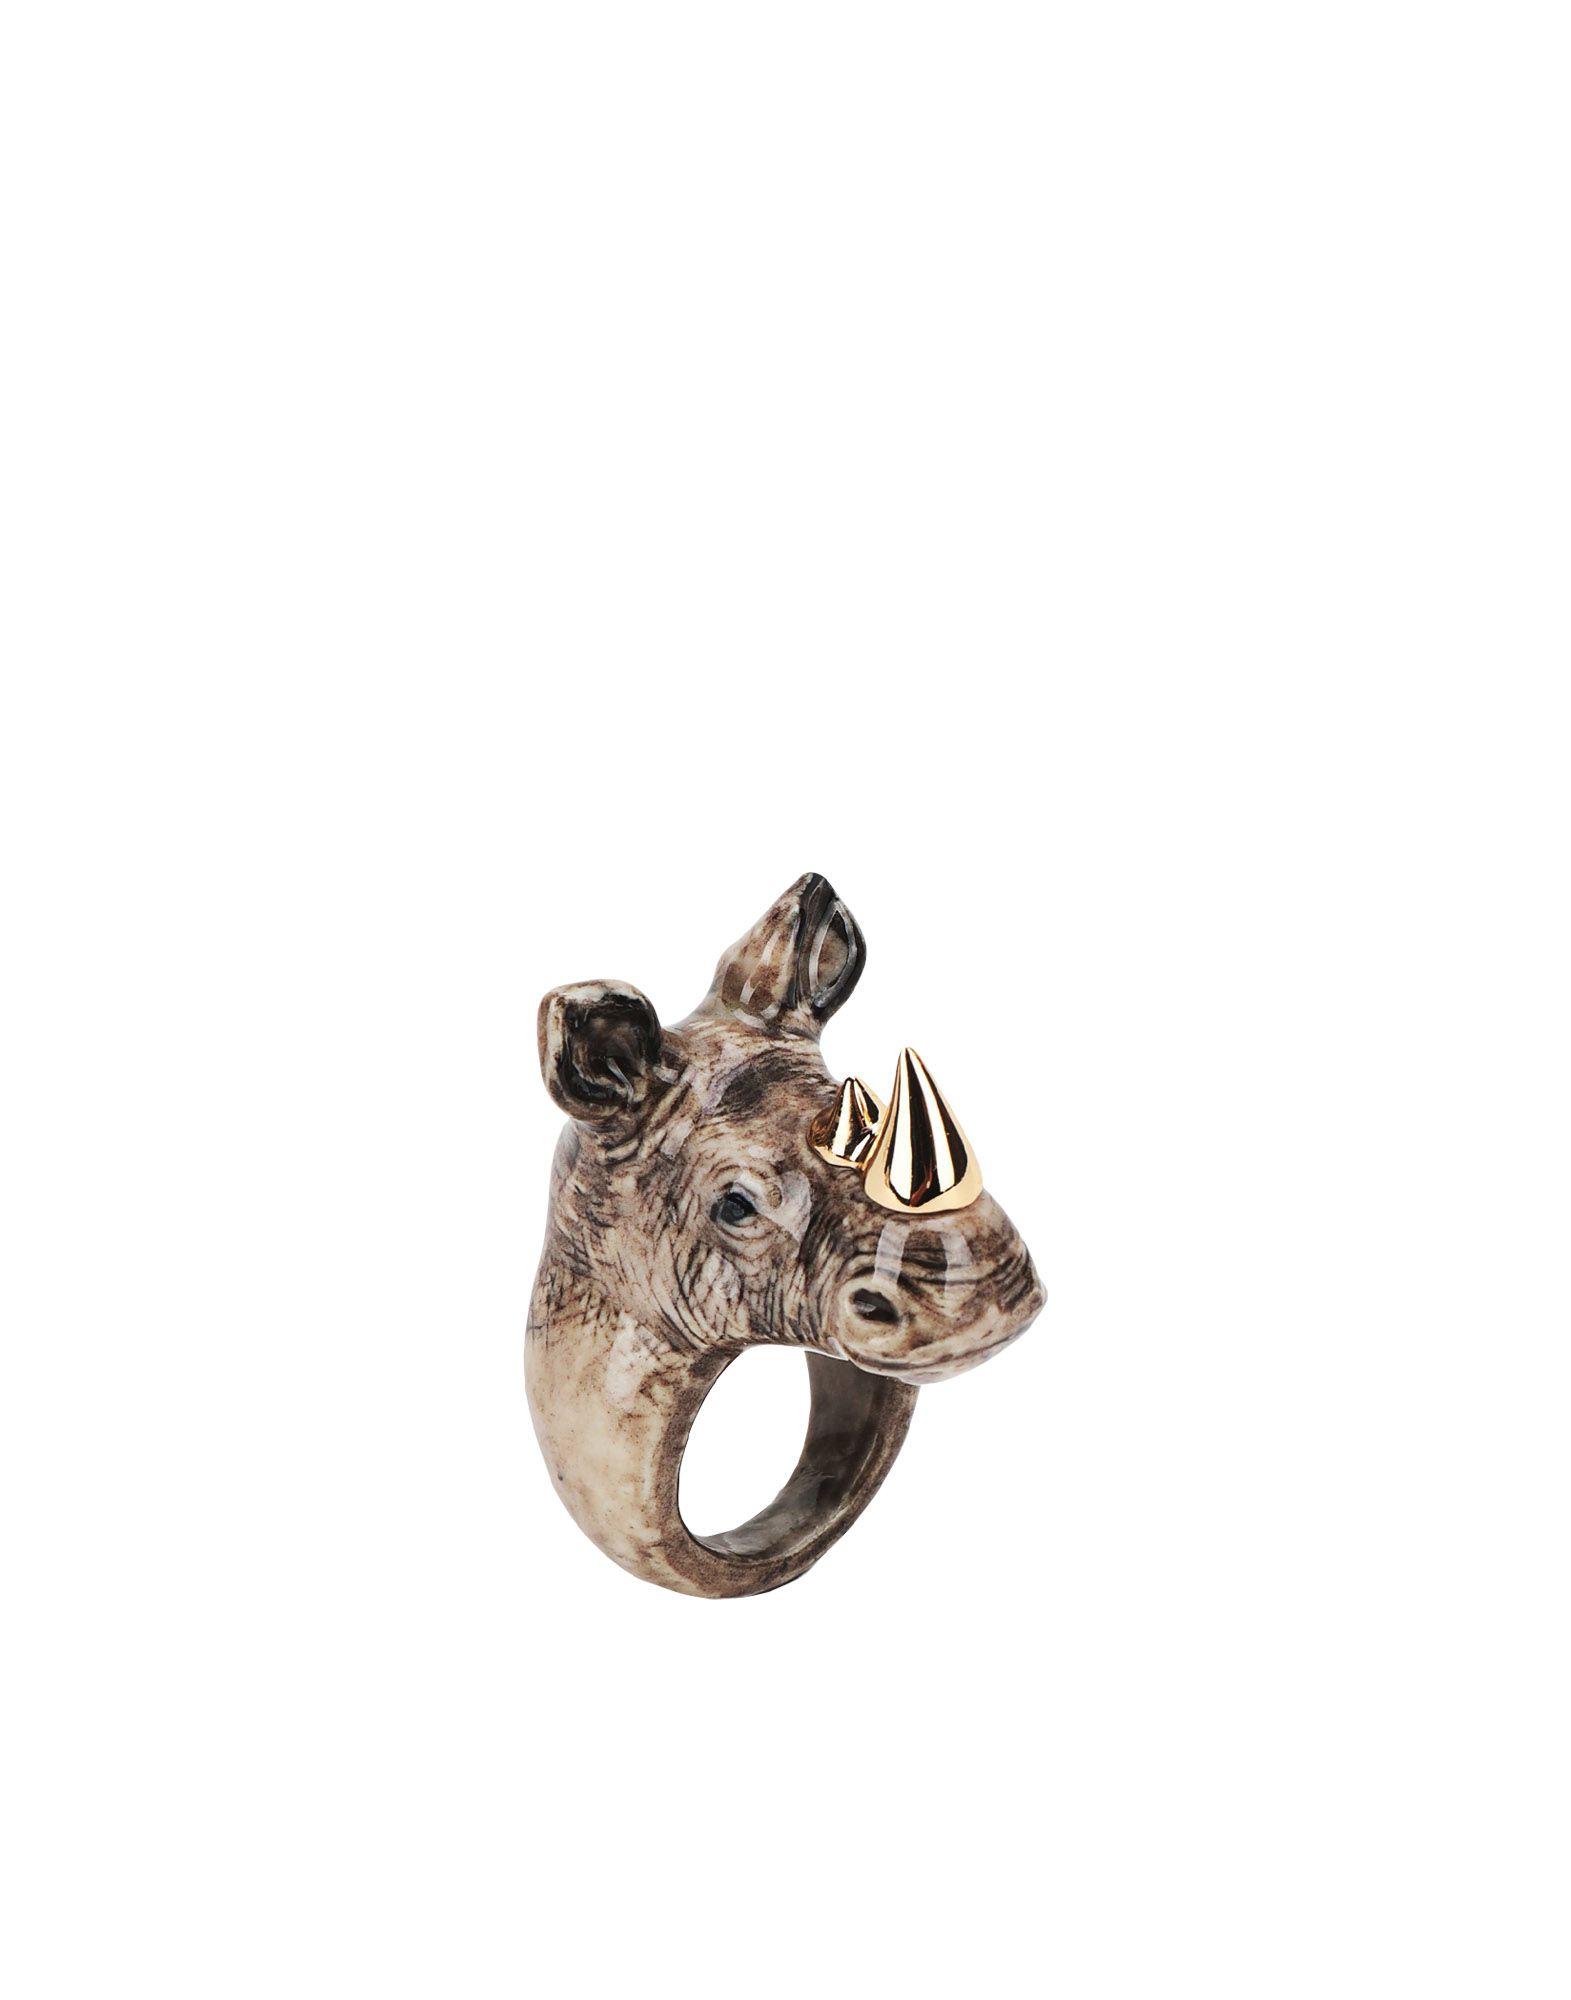 《期間限定 セール開催中》NACH レディース 指輪 グレー M セラミック 100% Gold rhino ring